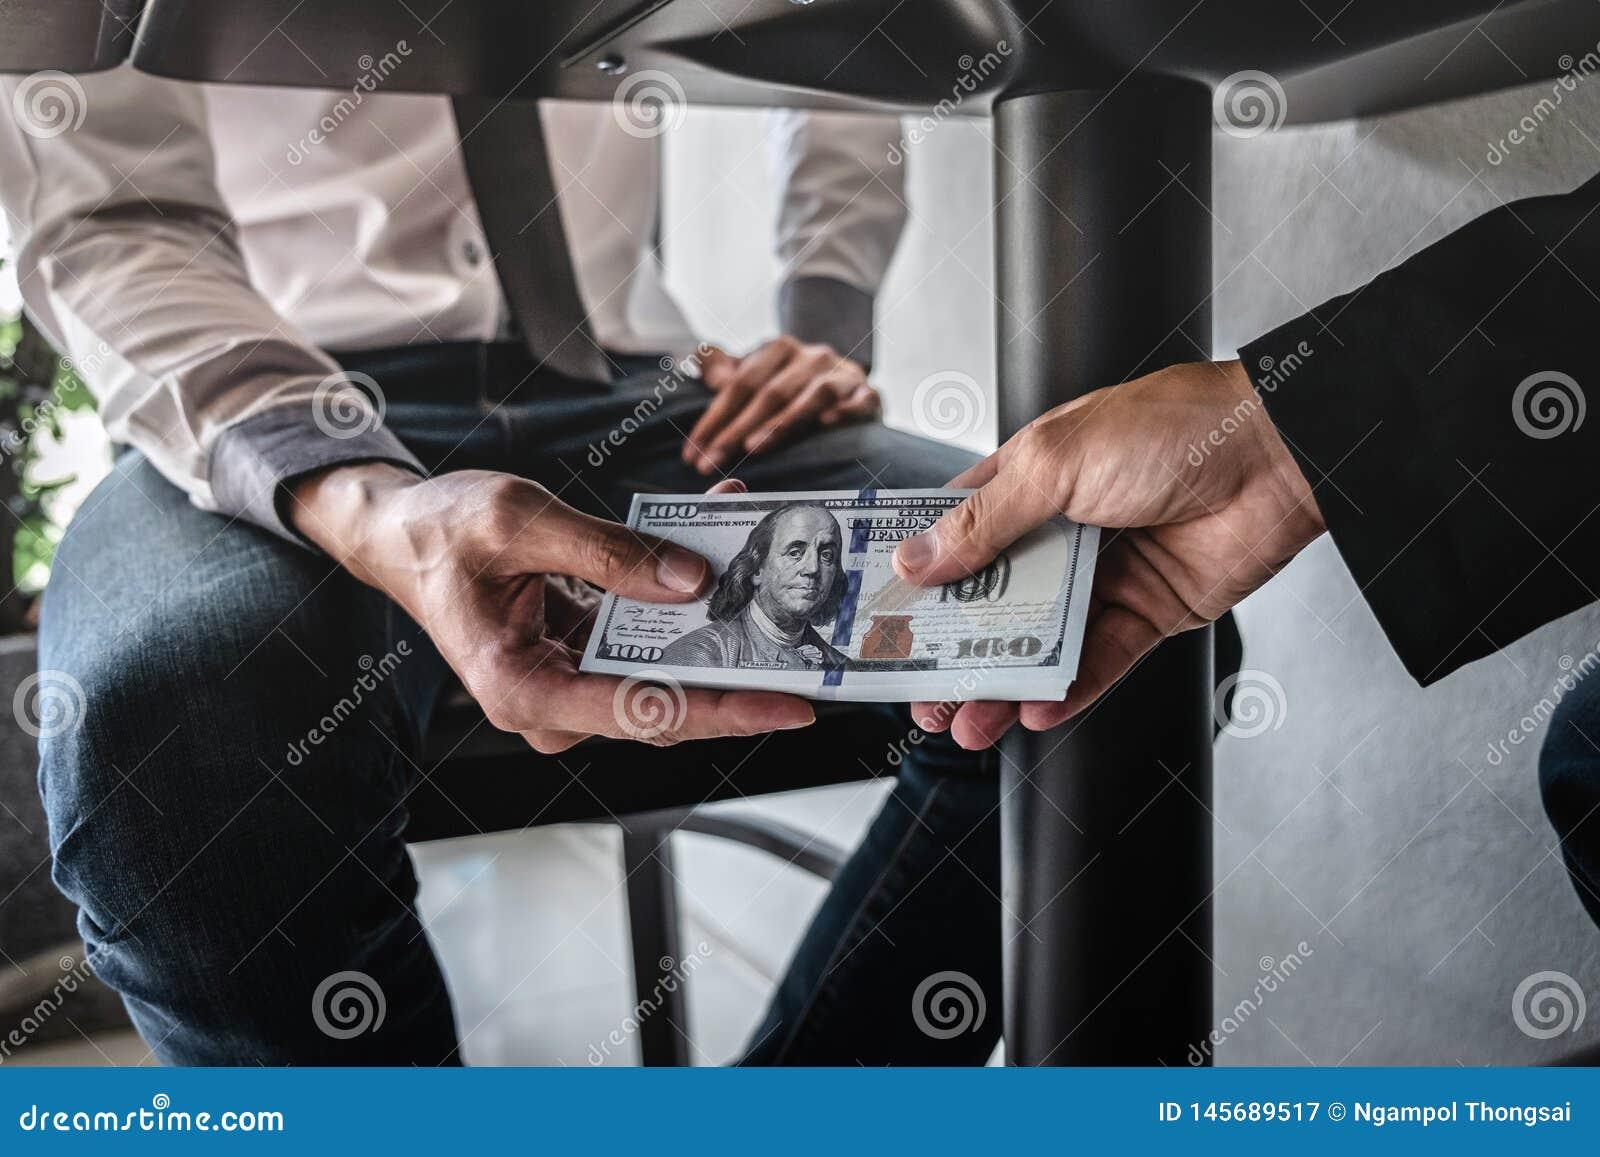 O engano desonesto no dinheiro ilegal do neg?cio, homem de neg?cios recebe o dinheiro do sub?rno sob a tabela aos executivos para